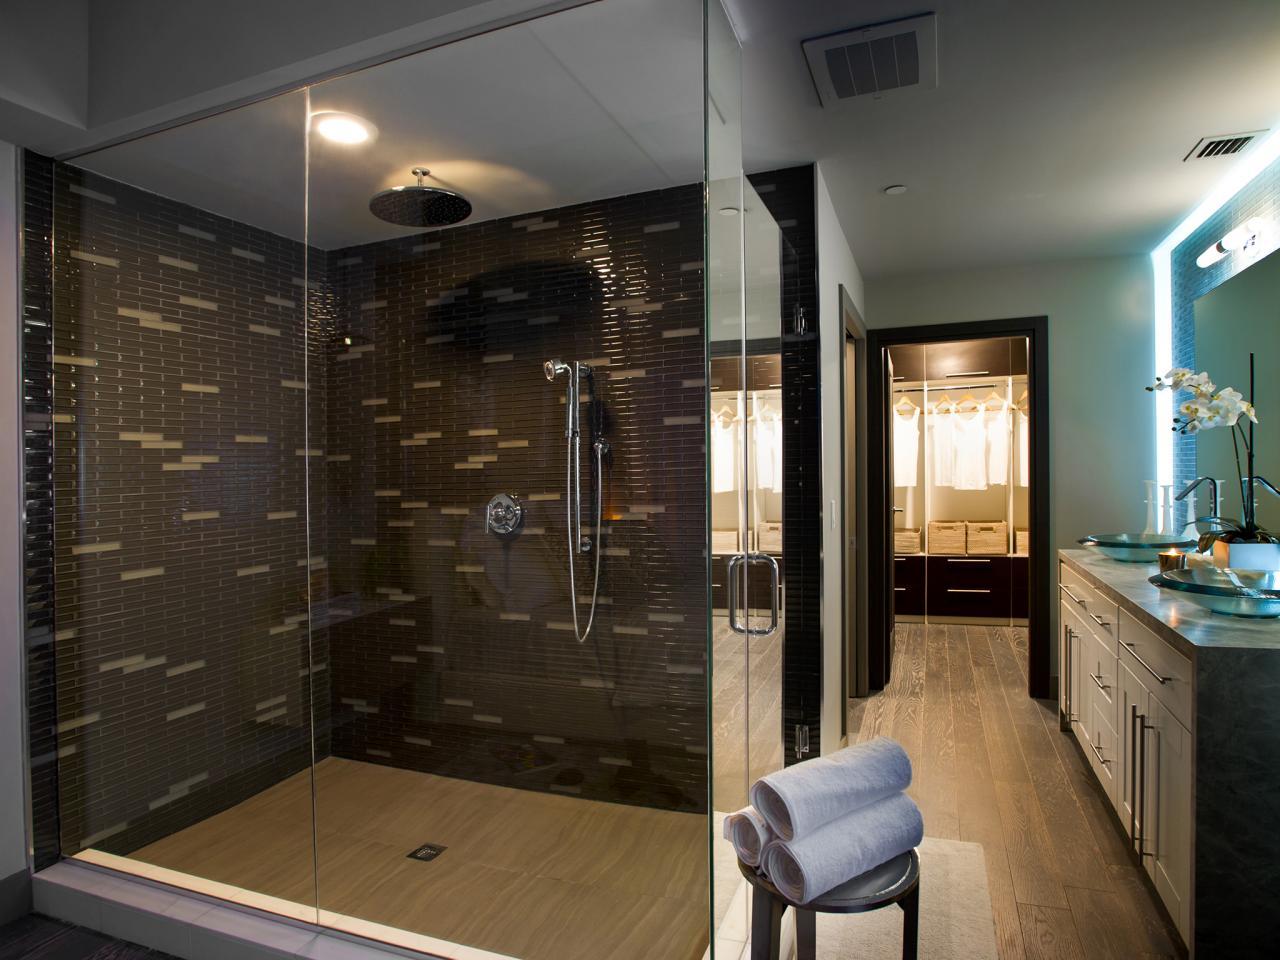 UO2012_Master-Bathroom-01-Wide-EPP0254_s4x3.jpg.rend.hgtvcom.1280.960